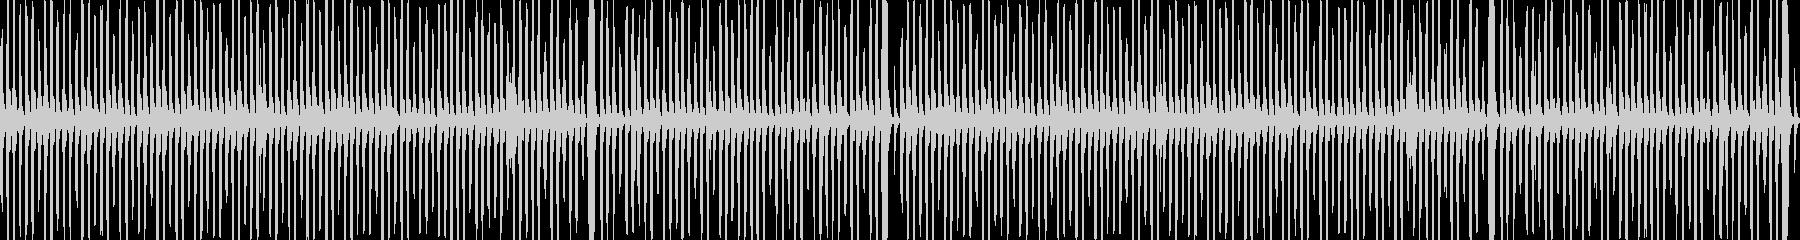 ファンシー・メルヘンなトイピアノ_ループの未再生の波形